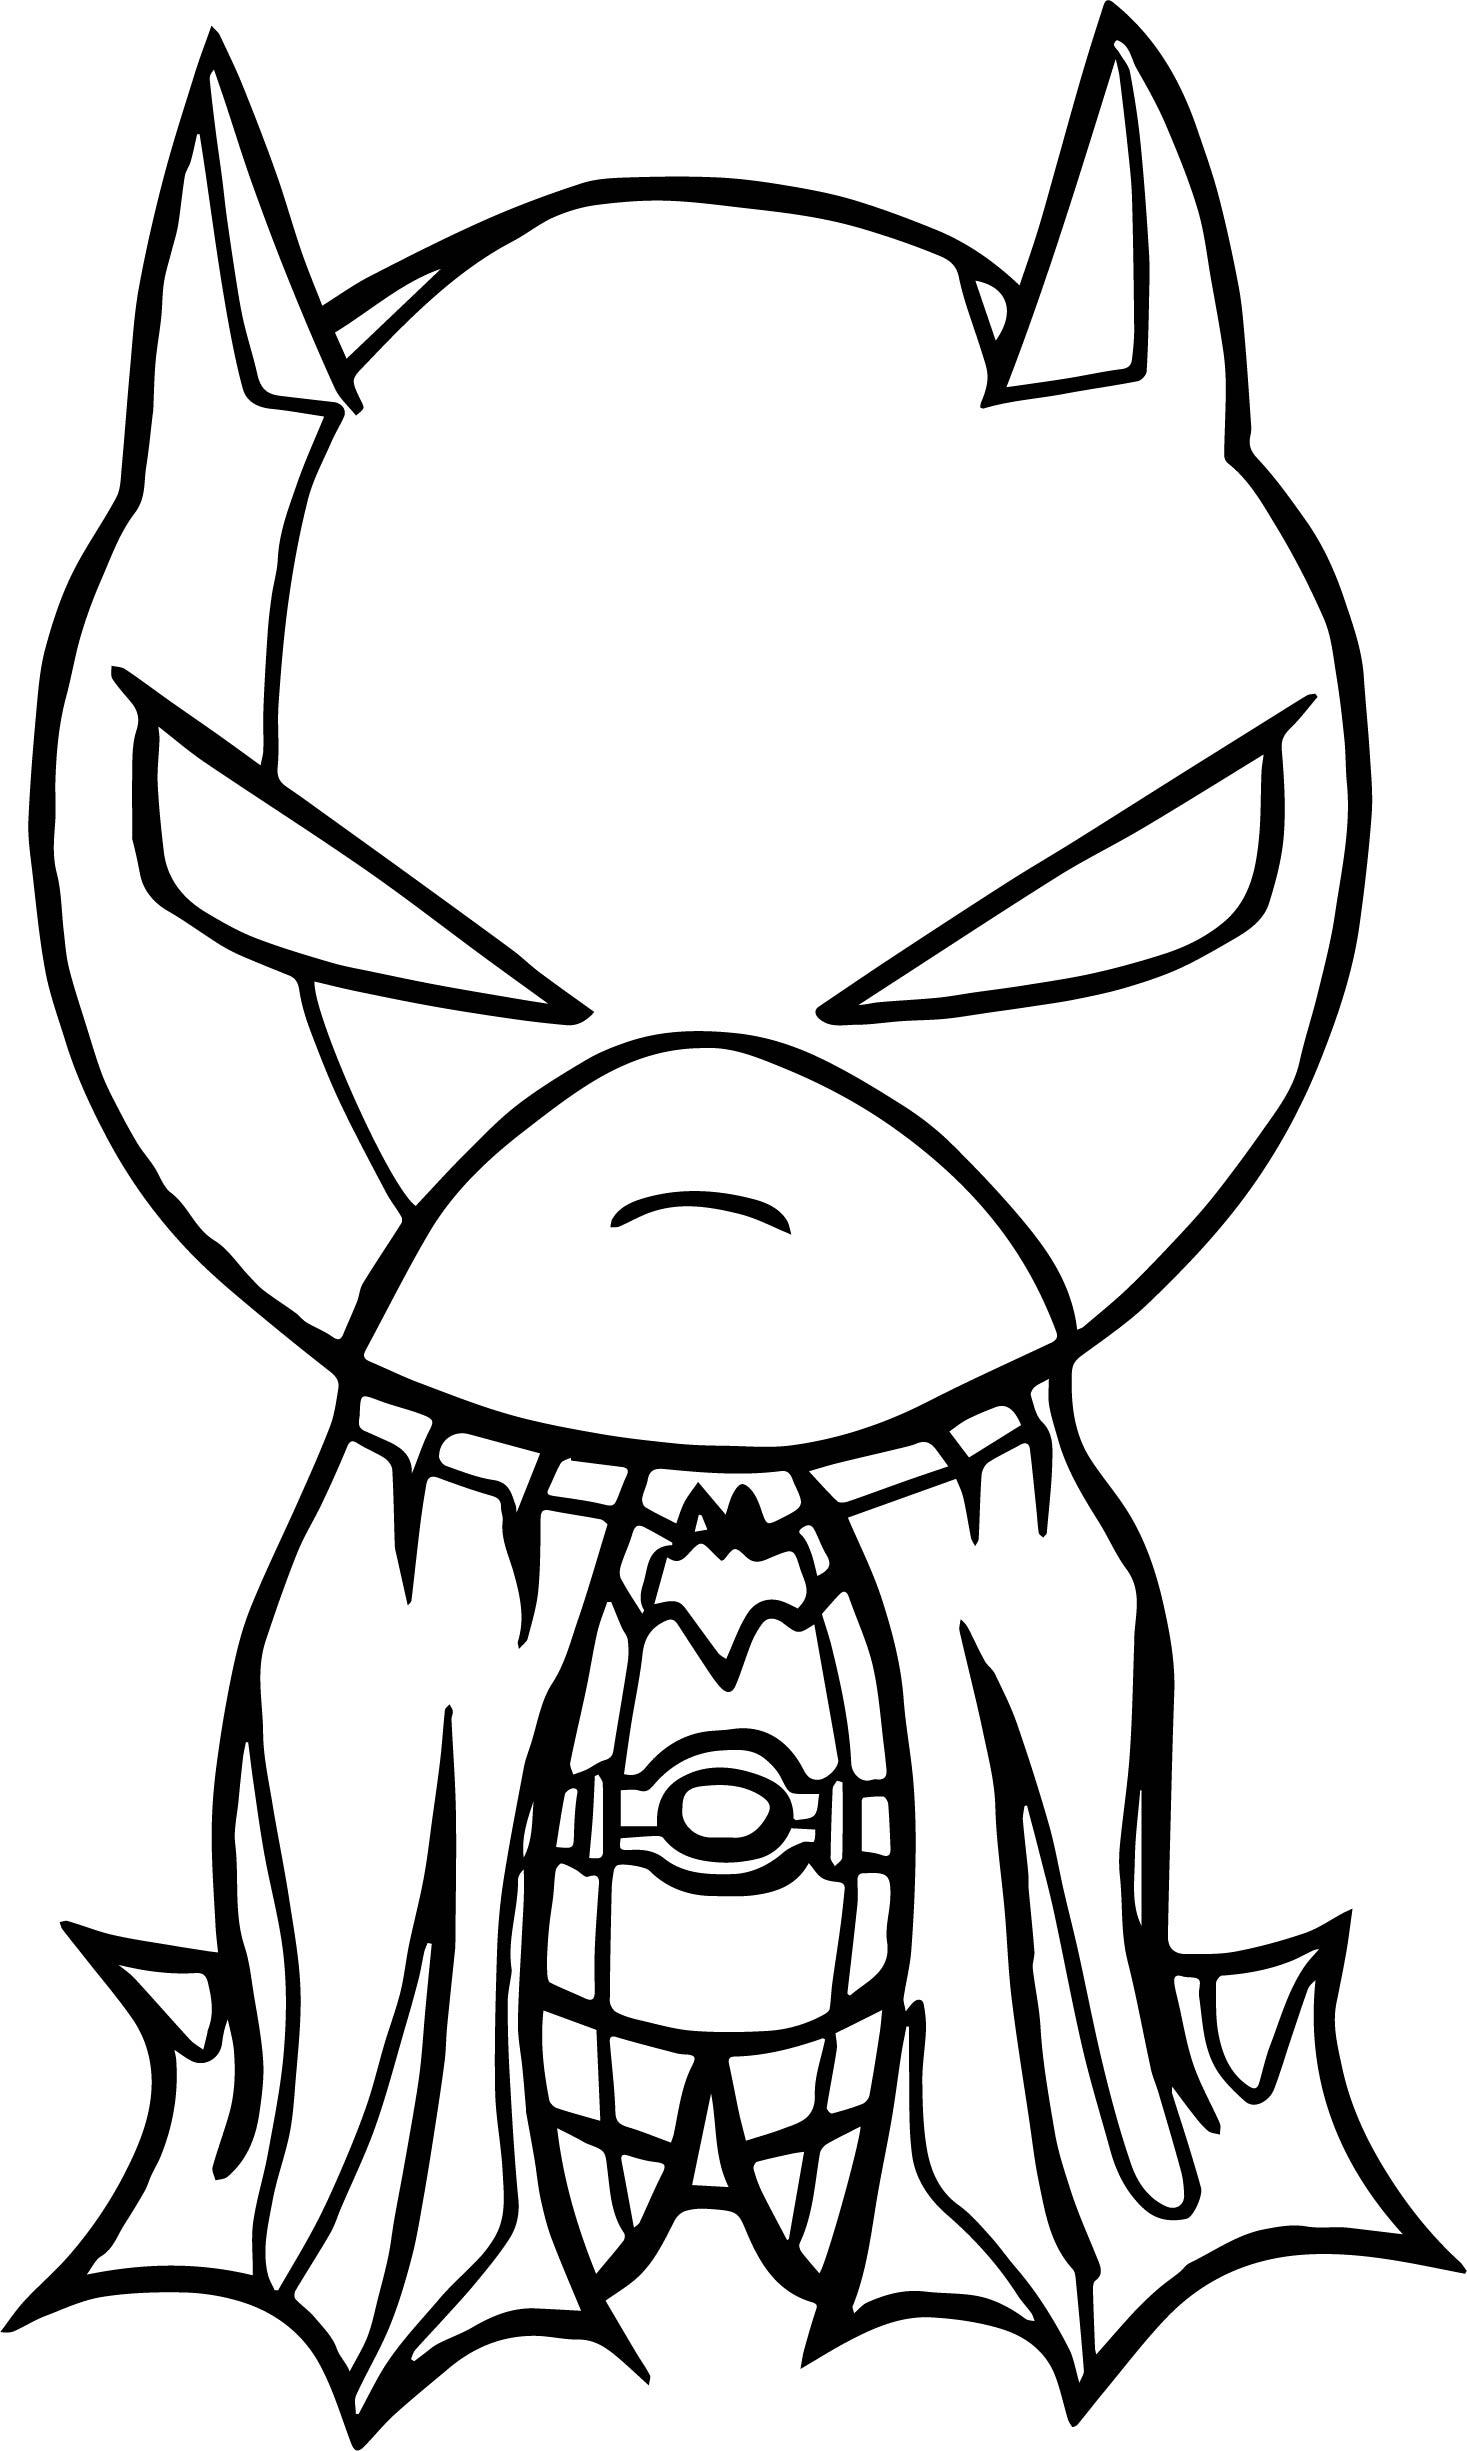 1467x2451 Batman Symbol Coloring Page Pages View Larger Logo Kids Super